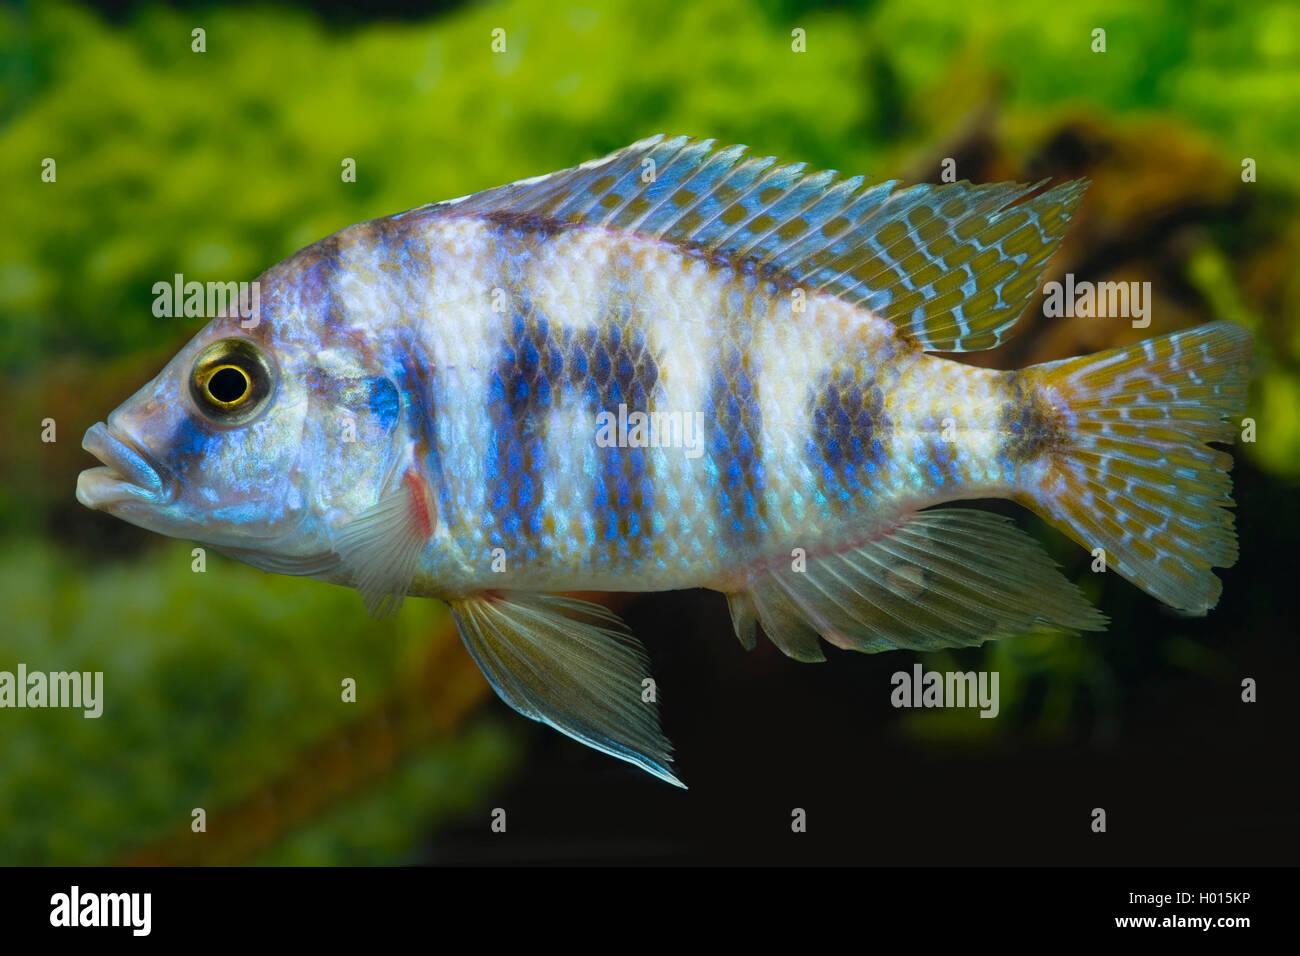 Milomobuntbarsch, Milomo-Buntbarsch (Placidochromis milomo), schwimmend | Thicklipps Malawi Cichlid (Placidochromis - Stock Image